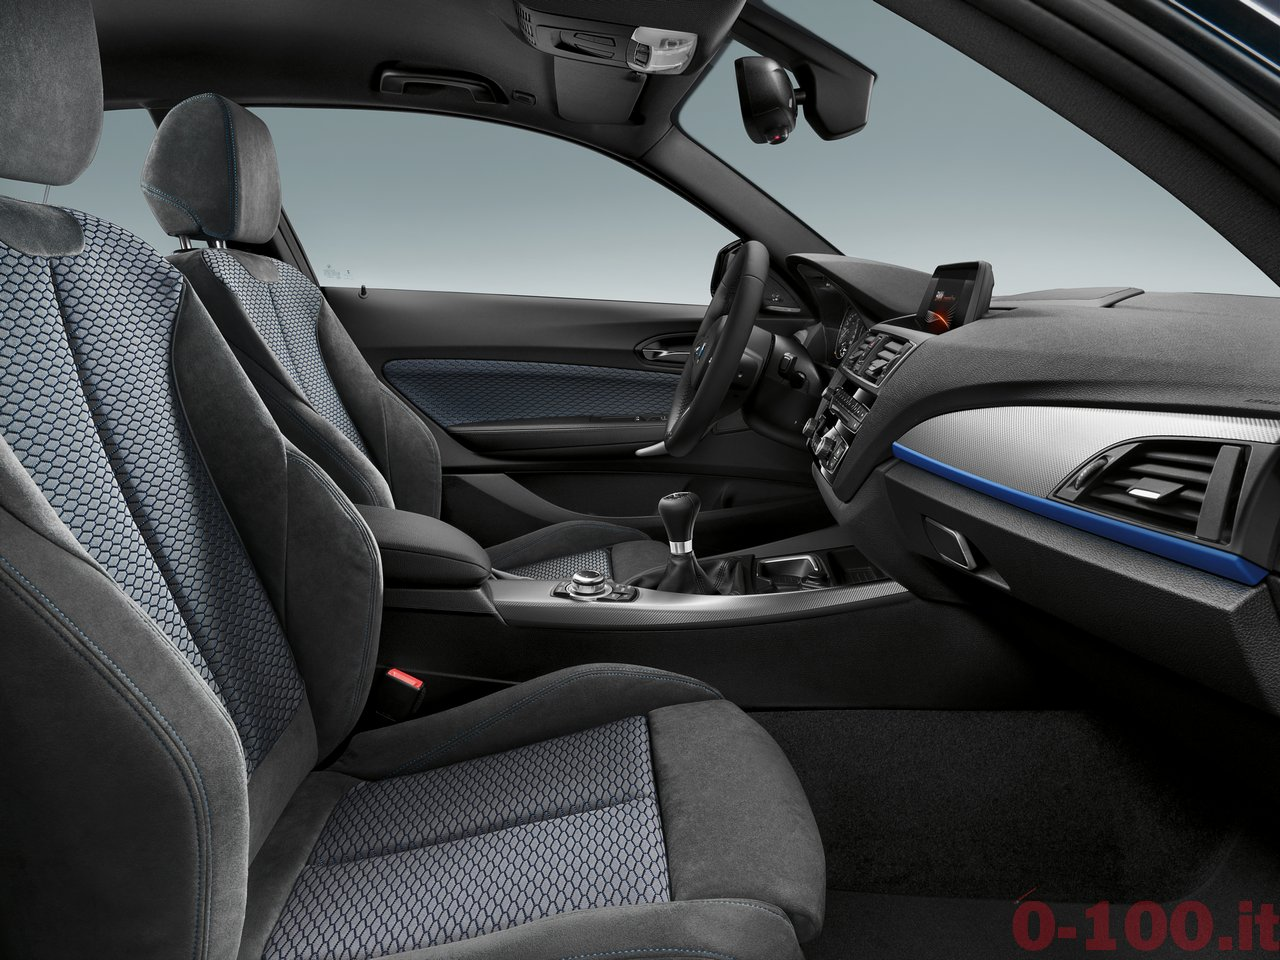 BMW-serie-1-2015_116d-118d-120d-125d-116i-118i-120i-125i-135i-0-100_54